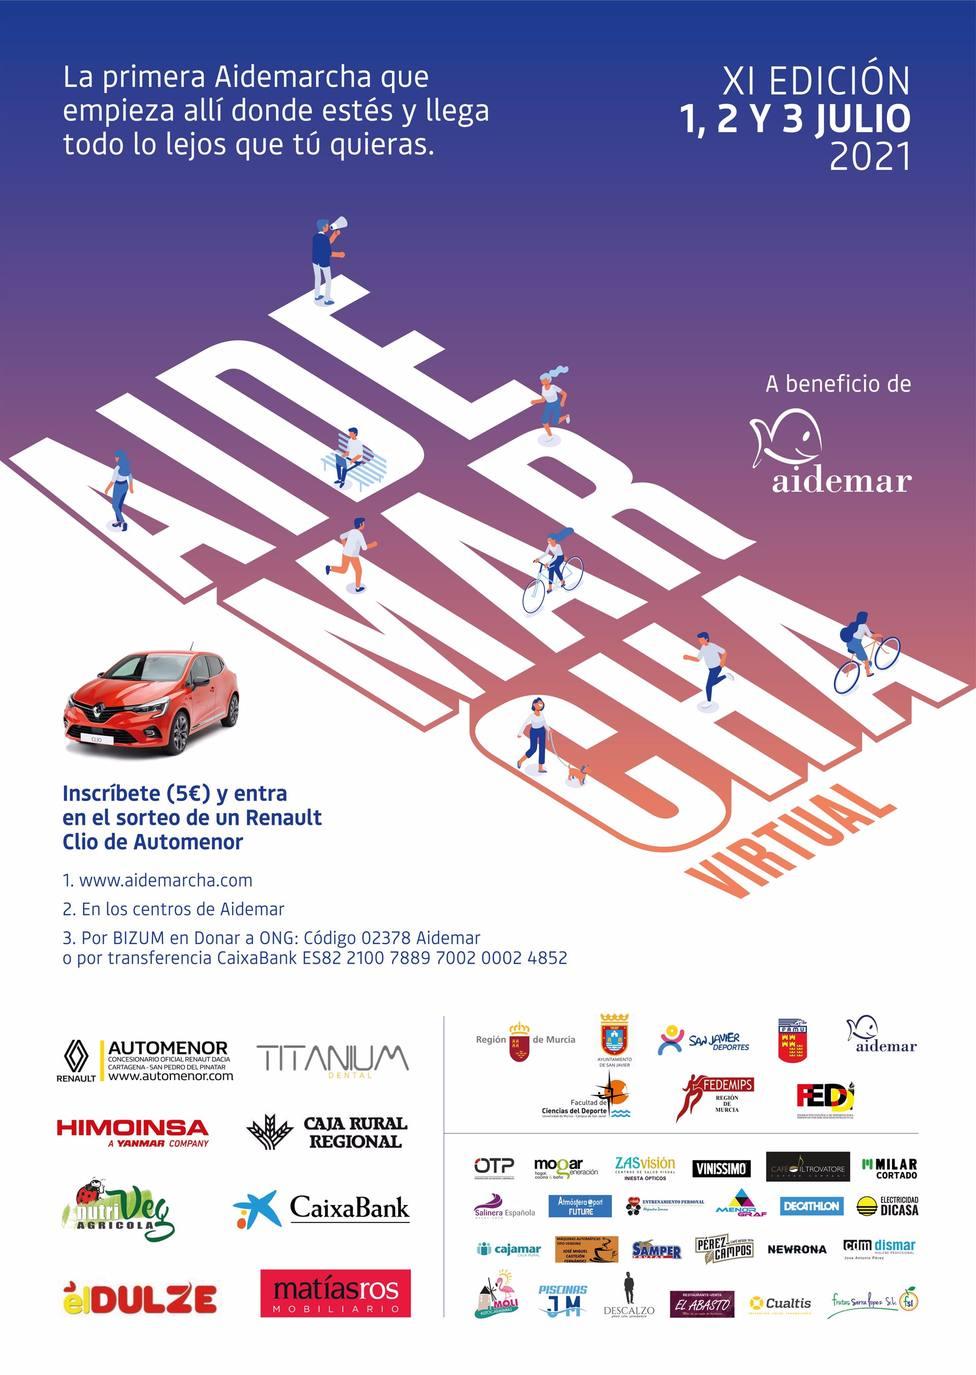 Abierto el plazo para participar en Aidemarcha21, una carrera solidaria en favor de las personas con discapacidad